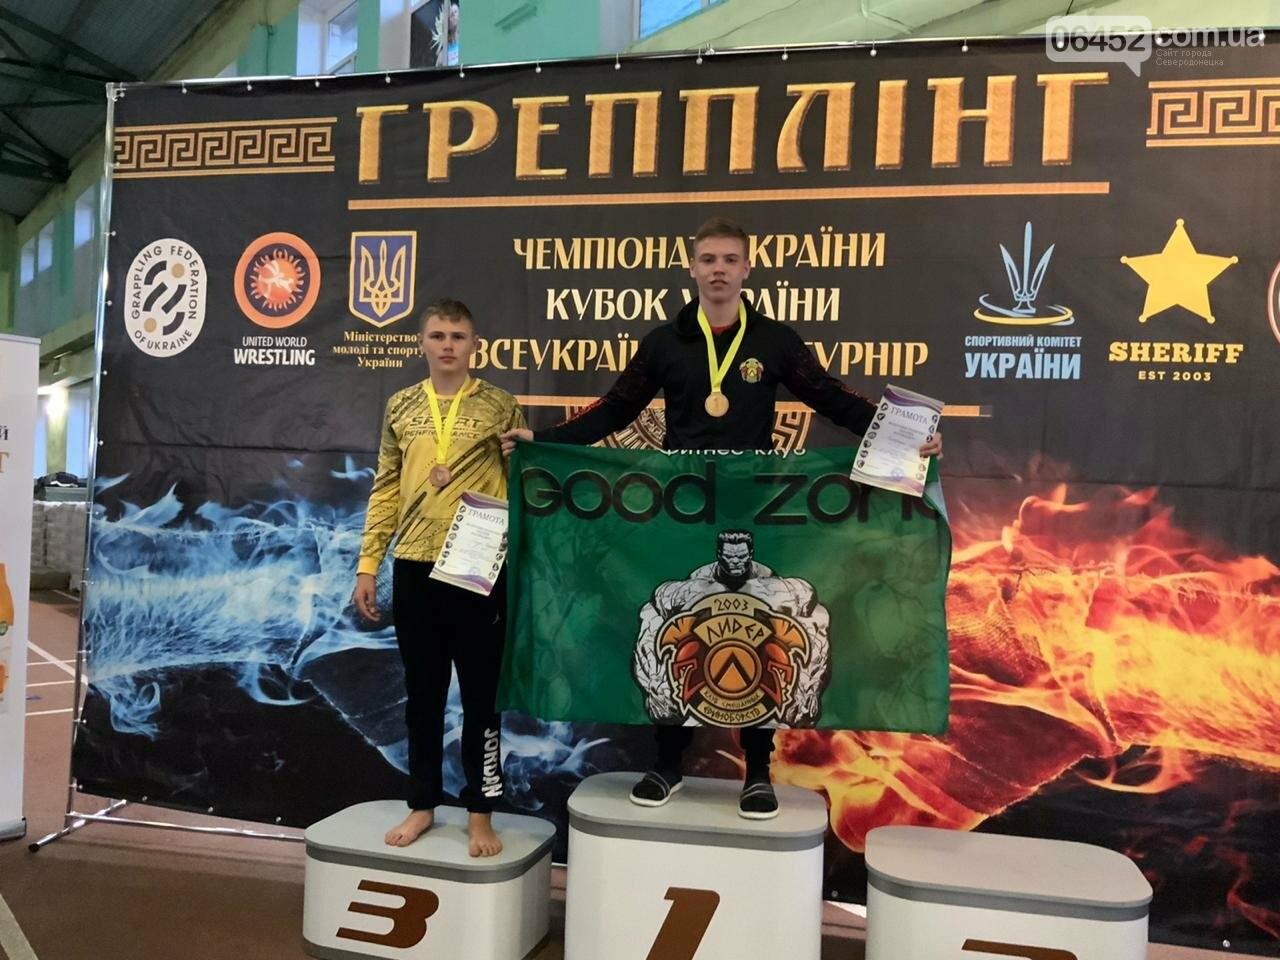 Северодончане завоевали 8 медалей на Чемпионате Украины по грэпплингу и панкратиону, фото-3